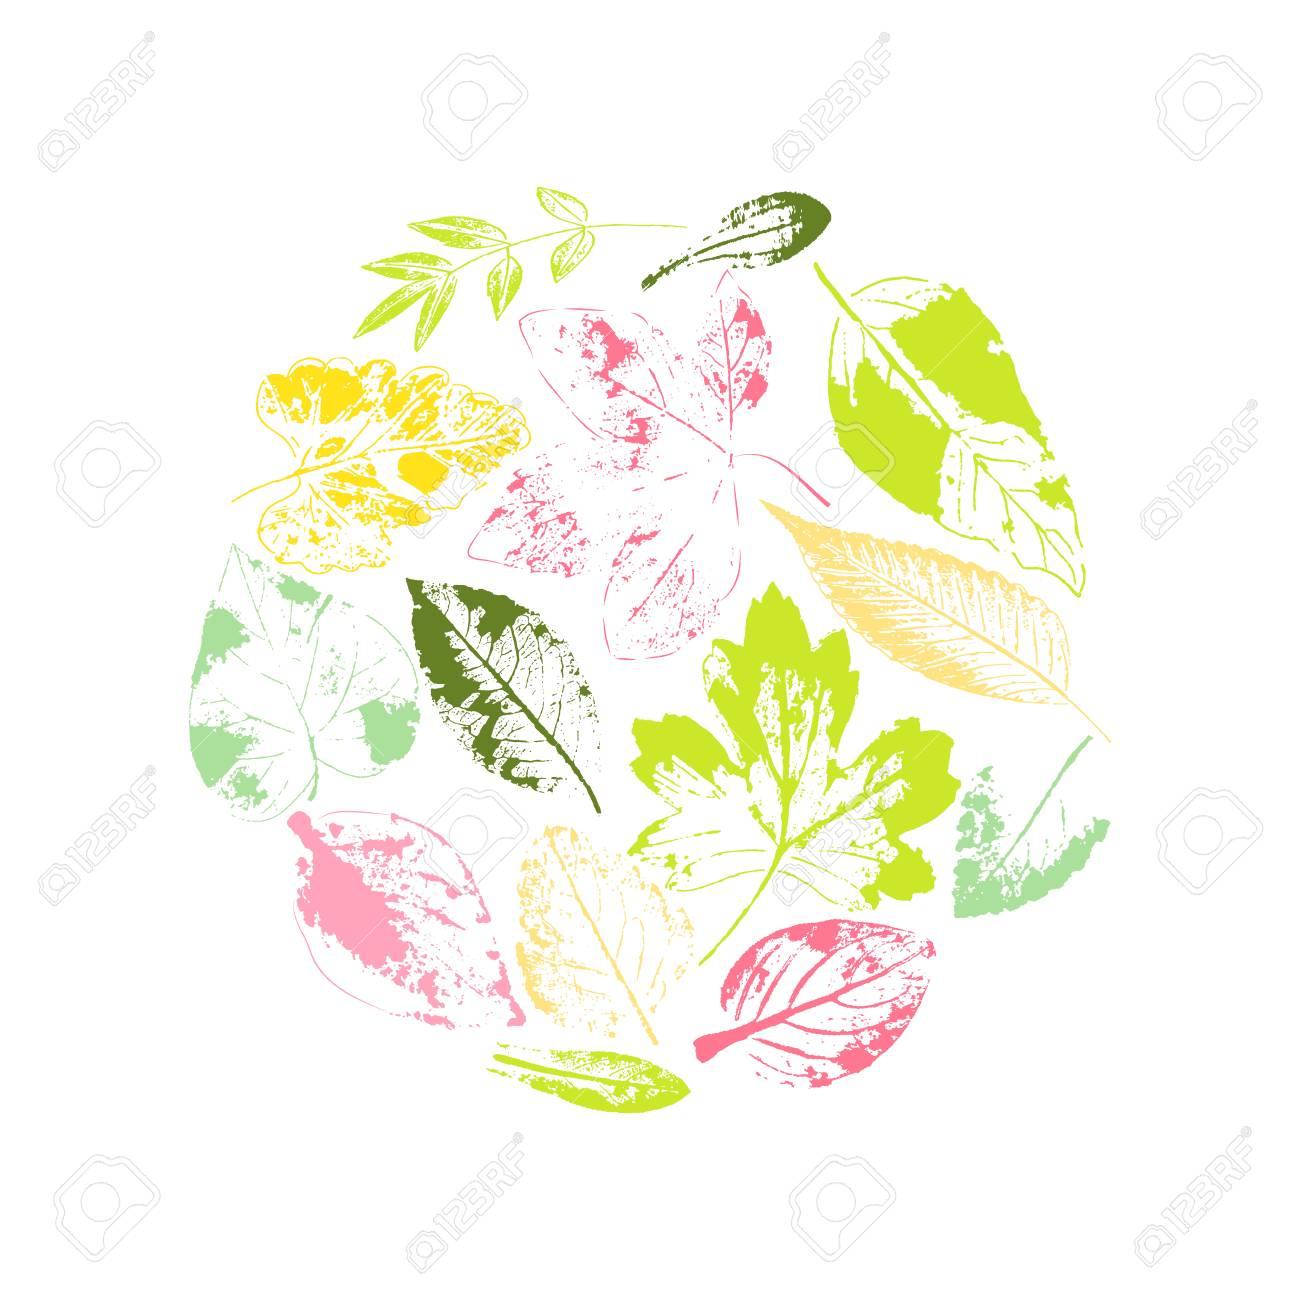 Leaf line icon set  Fertility and growth symbol